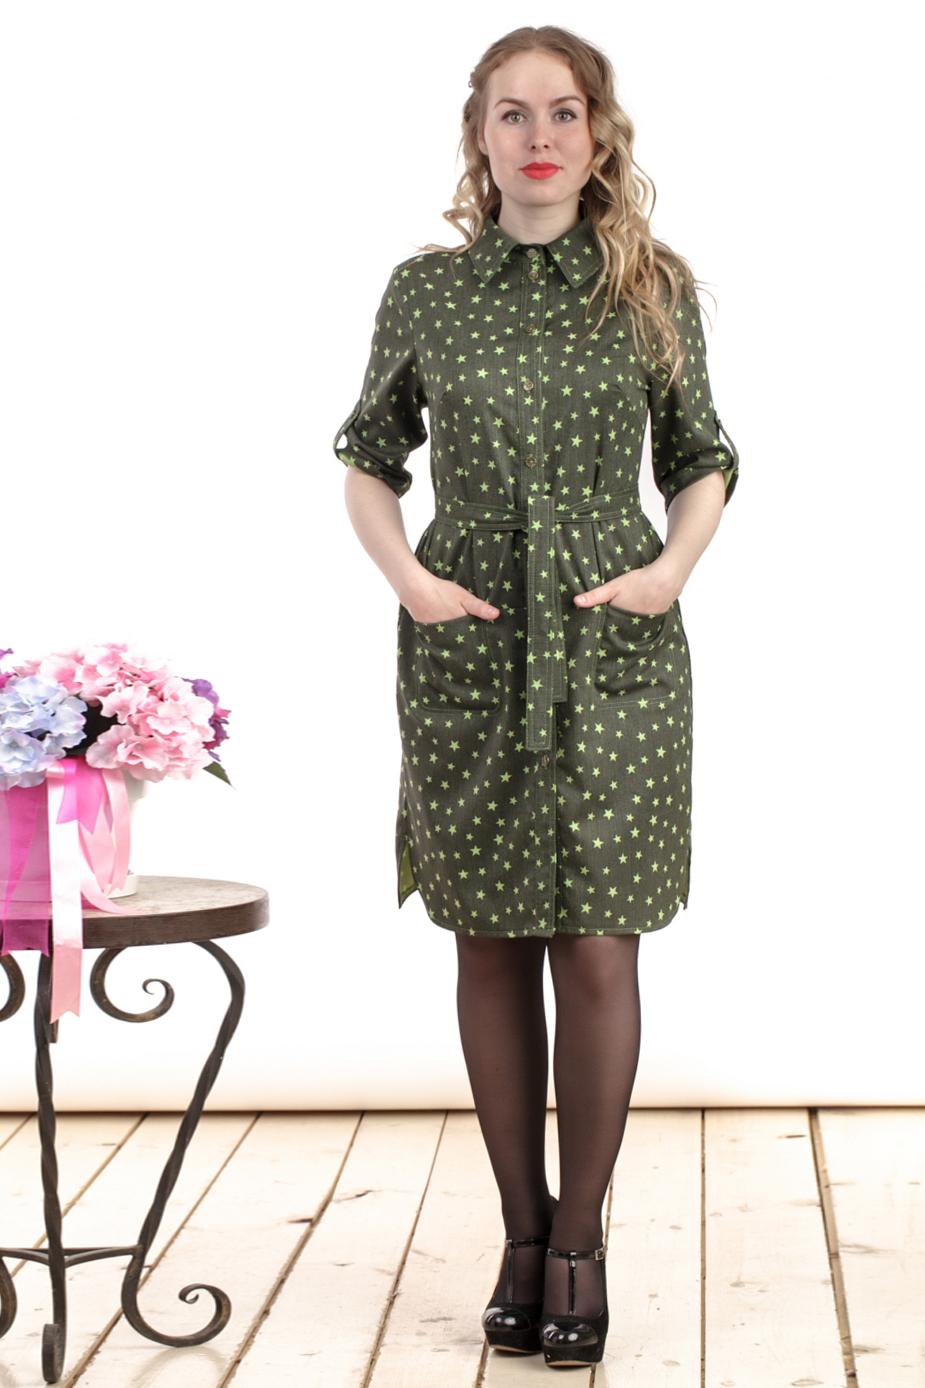 ПлатьеПлатья<br>Цветное платье рубашка. Модель выполнена из тонкой плательной ткани джинс. Отличный выбор для любого случая.  Цвет: зеленый  Длина изделия: 44 размер - 92 см. 46 размер - 93 см. 48 размер - 94 см. 50 размер - 95 см. 52 размер - 96 см. 54 размер - 97 см.  Рост девушки-фотомодели 161 см.<br><br>Воротник: Рубашечный<br>По длине: До колена<br>По материалу: Тканевые<br>По рисунку: С принтом,Цветные<br>По силуэту: Полуприталенные<br>По стилю: Повседневный стиль,Сафари<br>По форме: Платье - рубашка<br>По элементам: С карманами,С патами<br>Рукав: До локтя,Рукав три четверти<br>По сезону: Осень,Весна<br>Размер : 44,46,48,52<br>Материал: Плательная ткань<br>Количество в наличии: 4